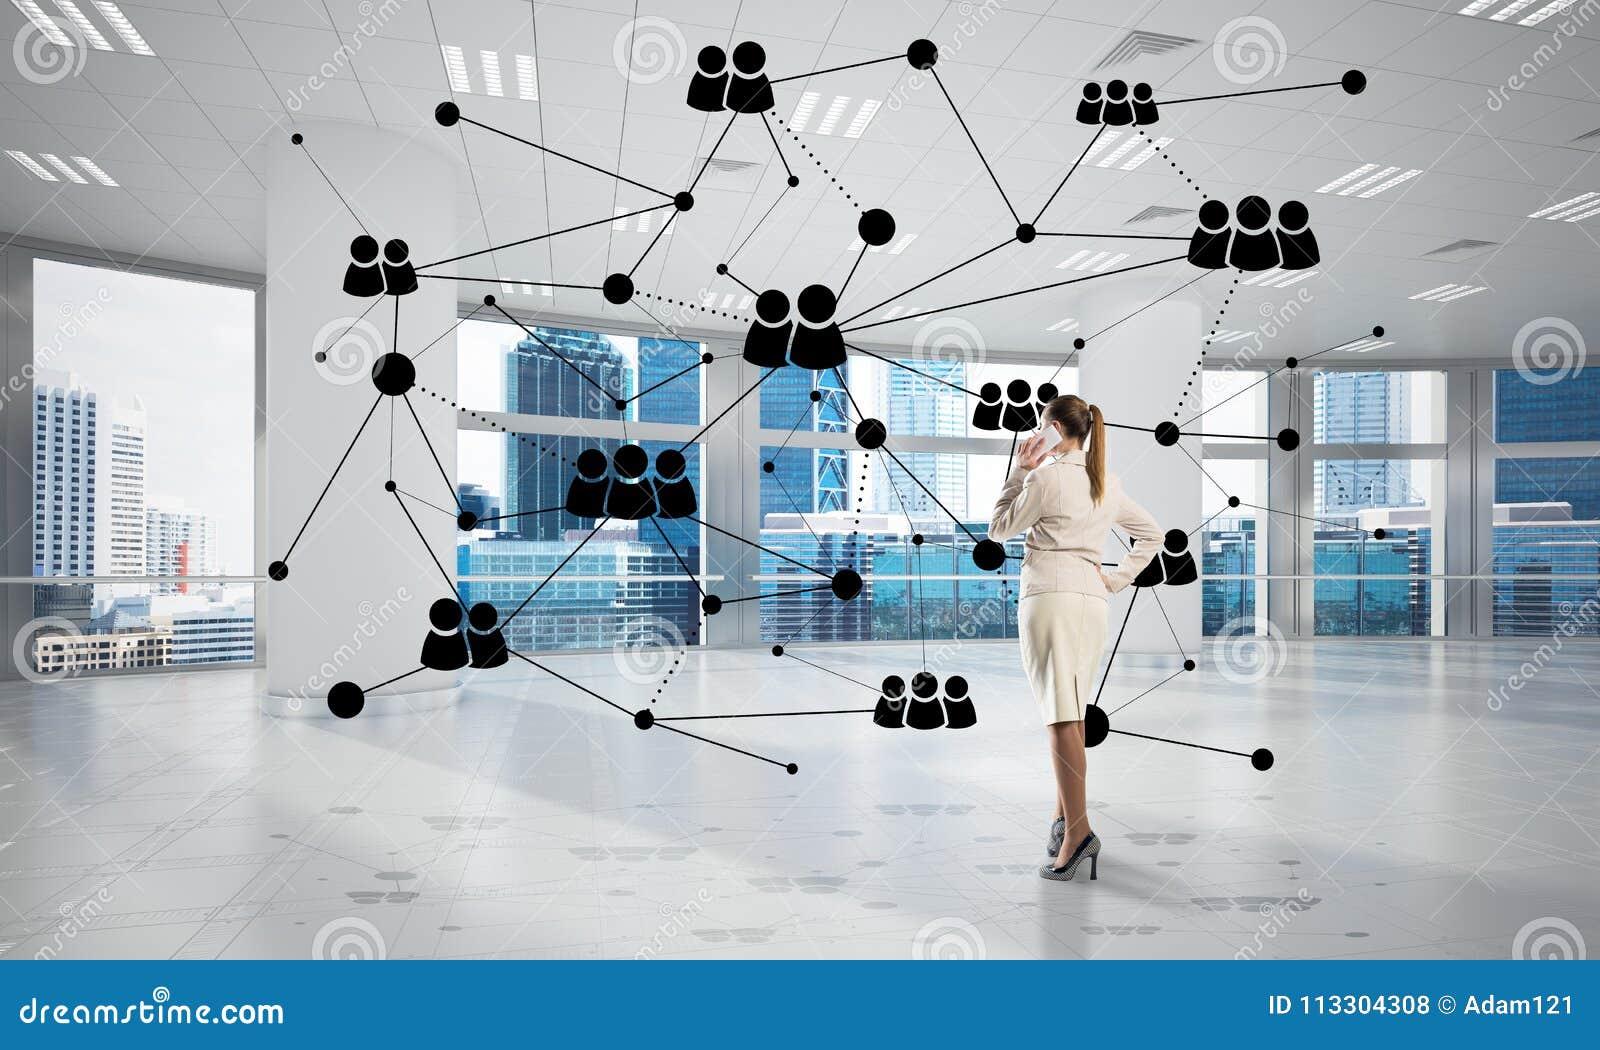 Δικτύωση και κοινωνική έννοια επικοινωνίας ως αποτελεσματικό σημείο για τη σύγχρονη επιχείρηση